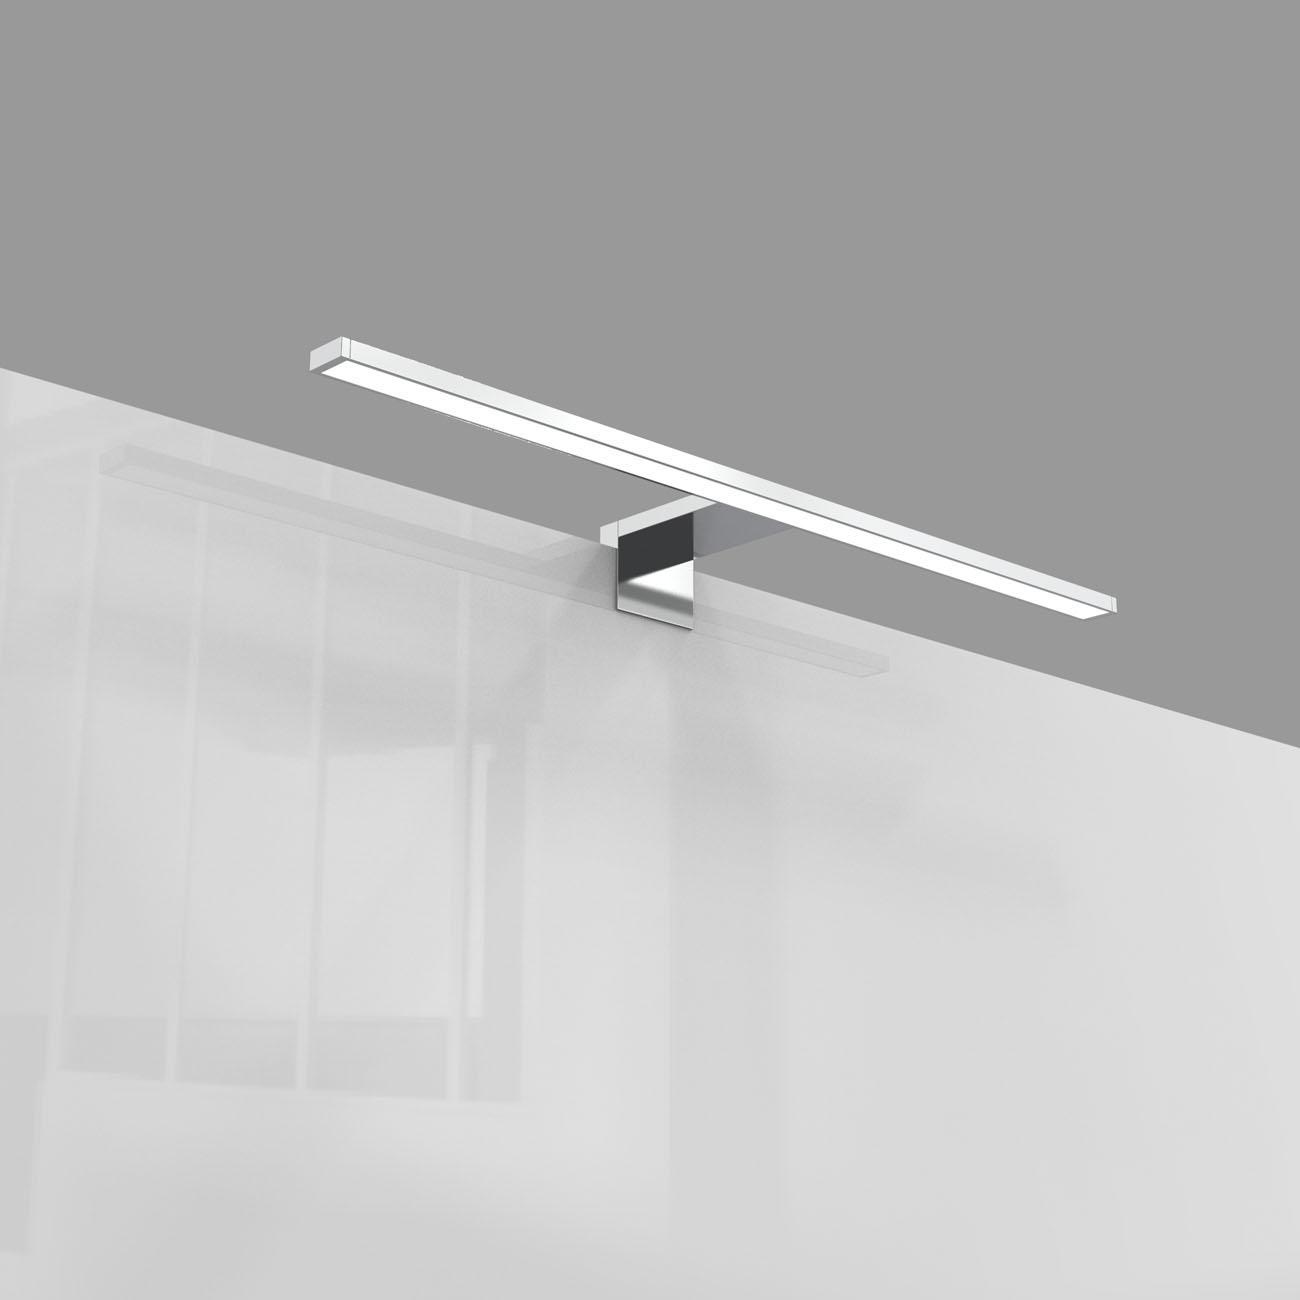 LED Spiegelleuchte Badlampe IP44 neutral-weiß M chrom - 8